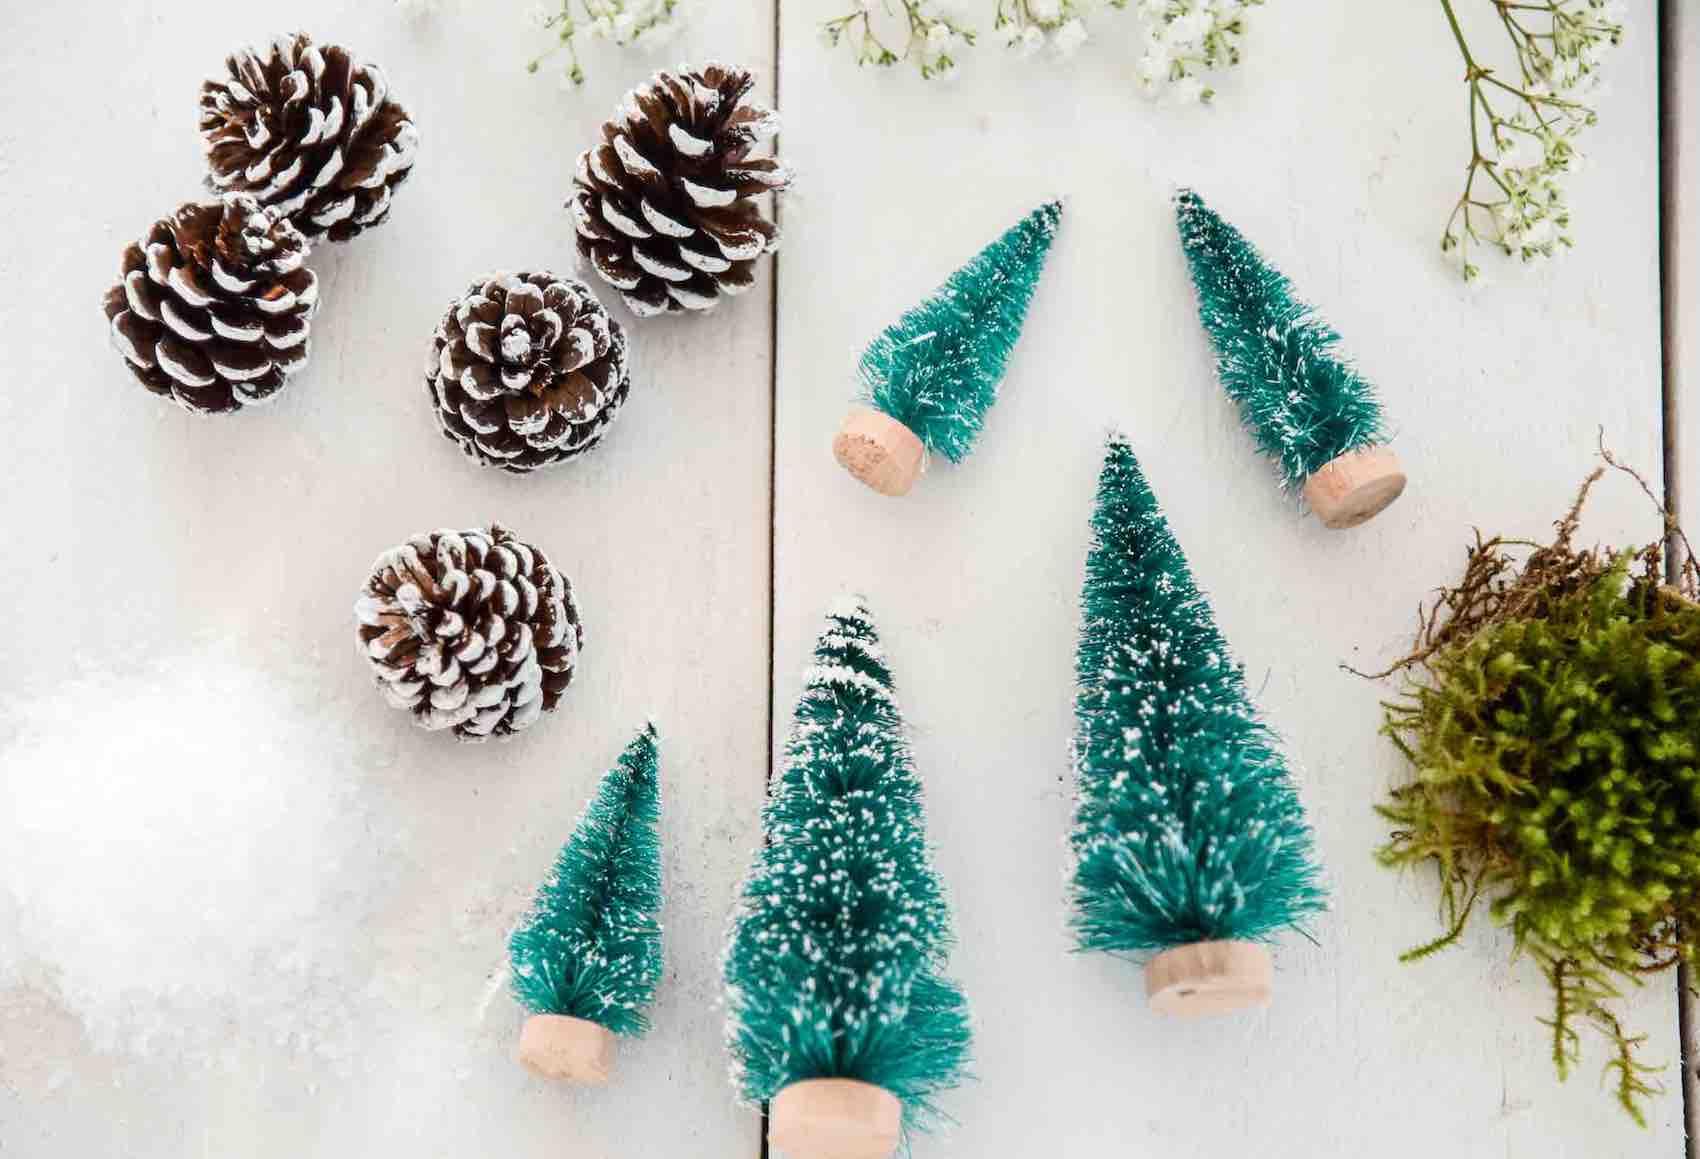 Weihnachtsdeko Weihnachten Dekoration, Basteln mit Kindern, DIY, Winterlandschaft im Glas.